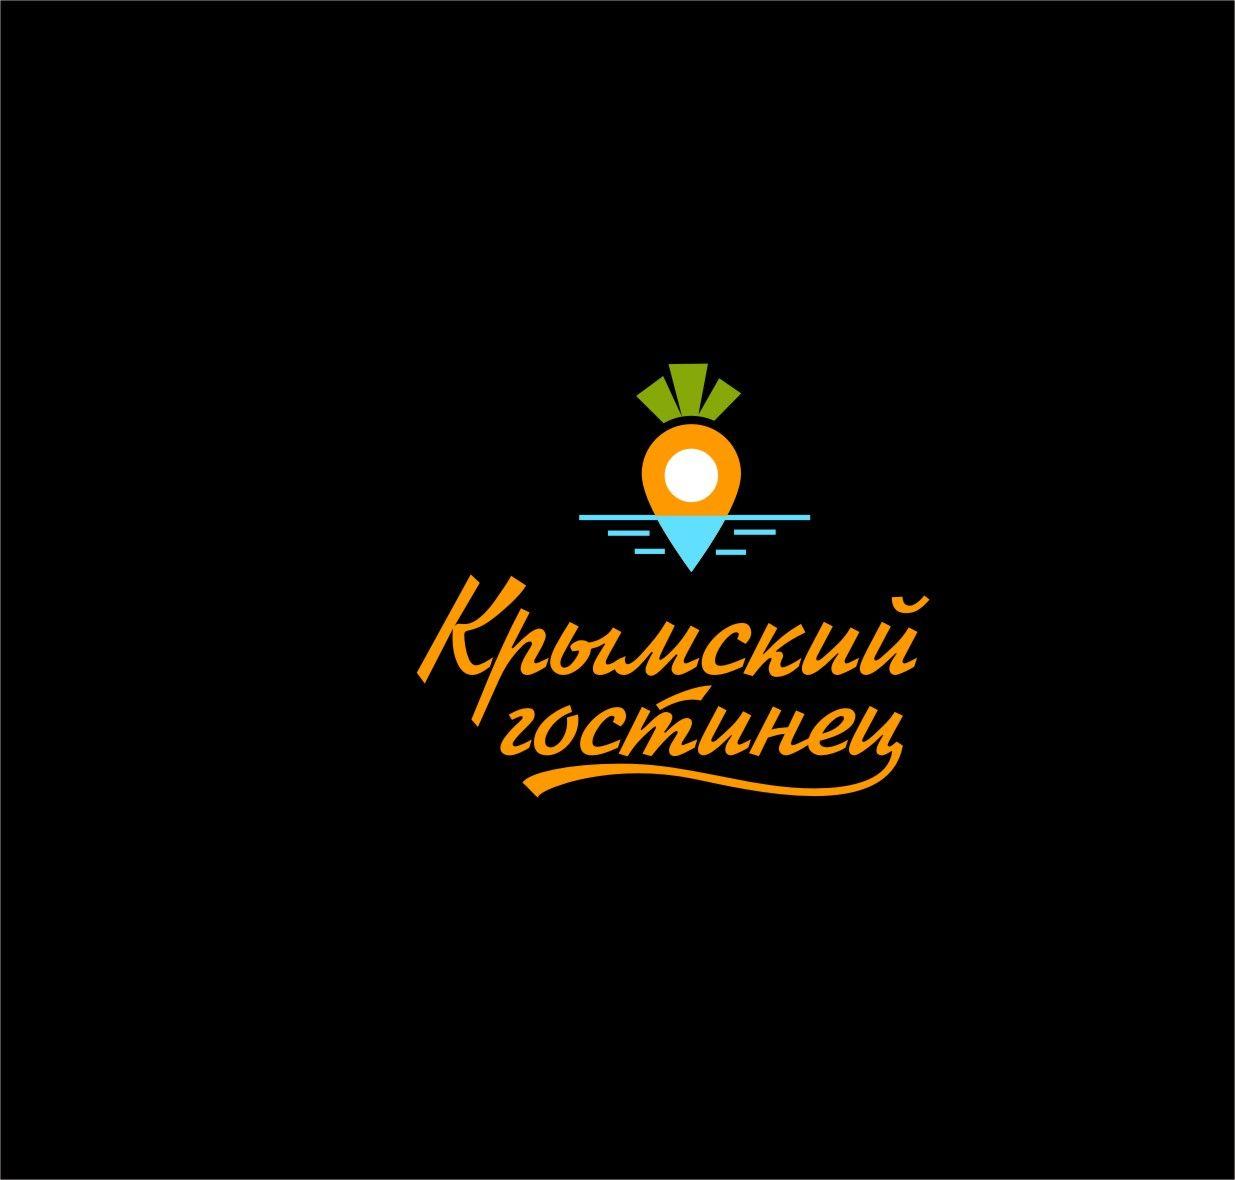 Логотип и ФС для компании Крымский гостинец - дизайнер radchuk-ruslan